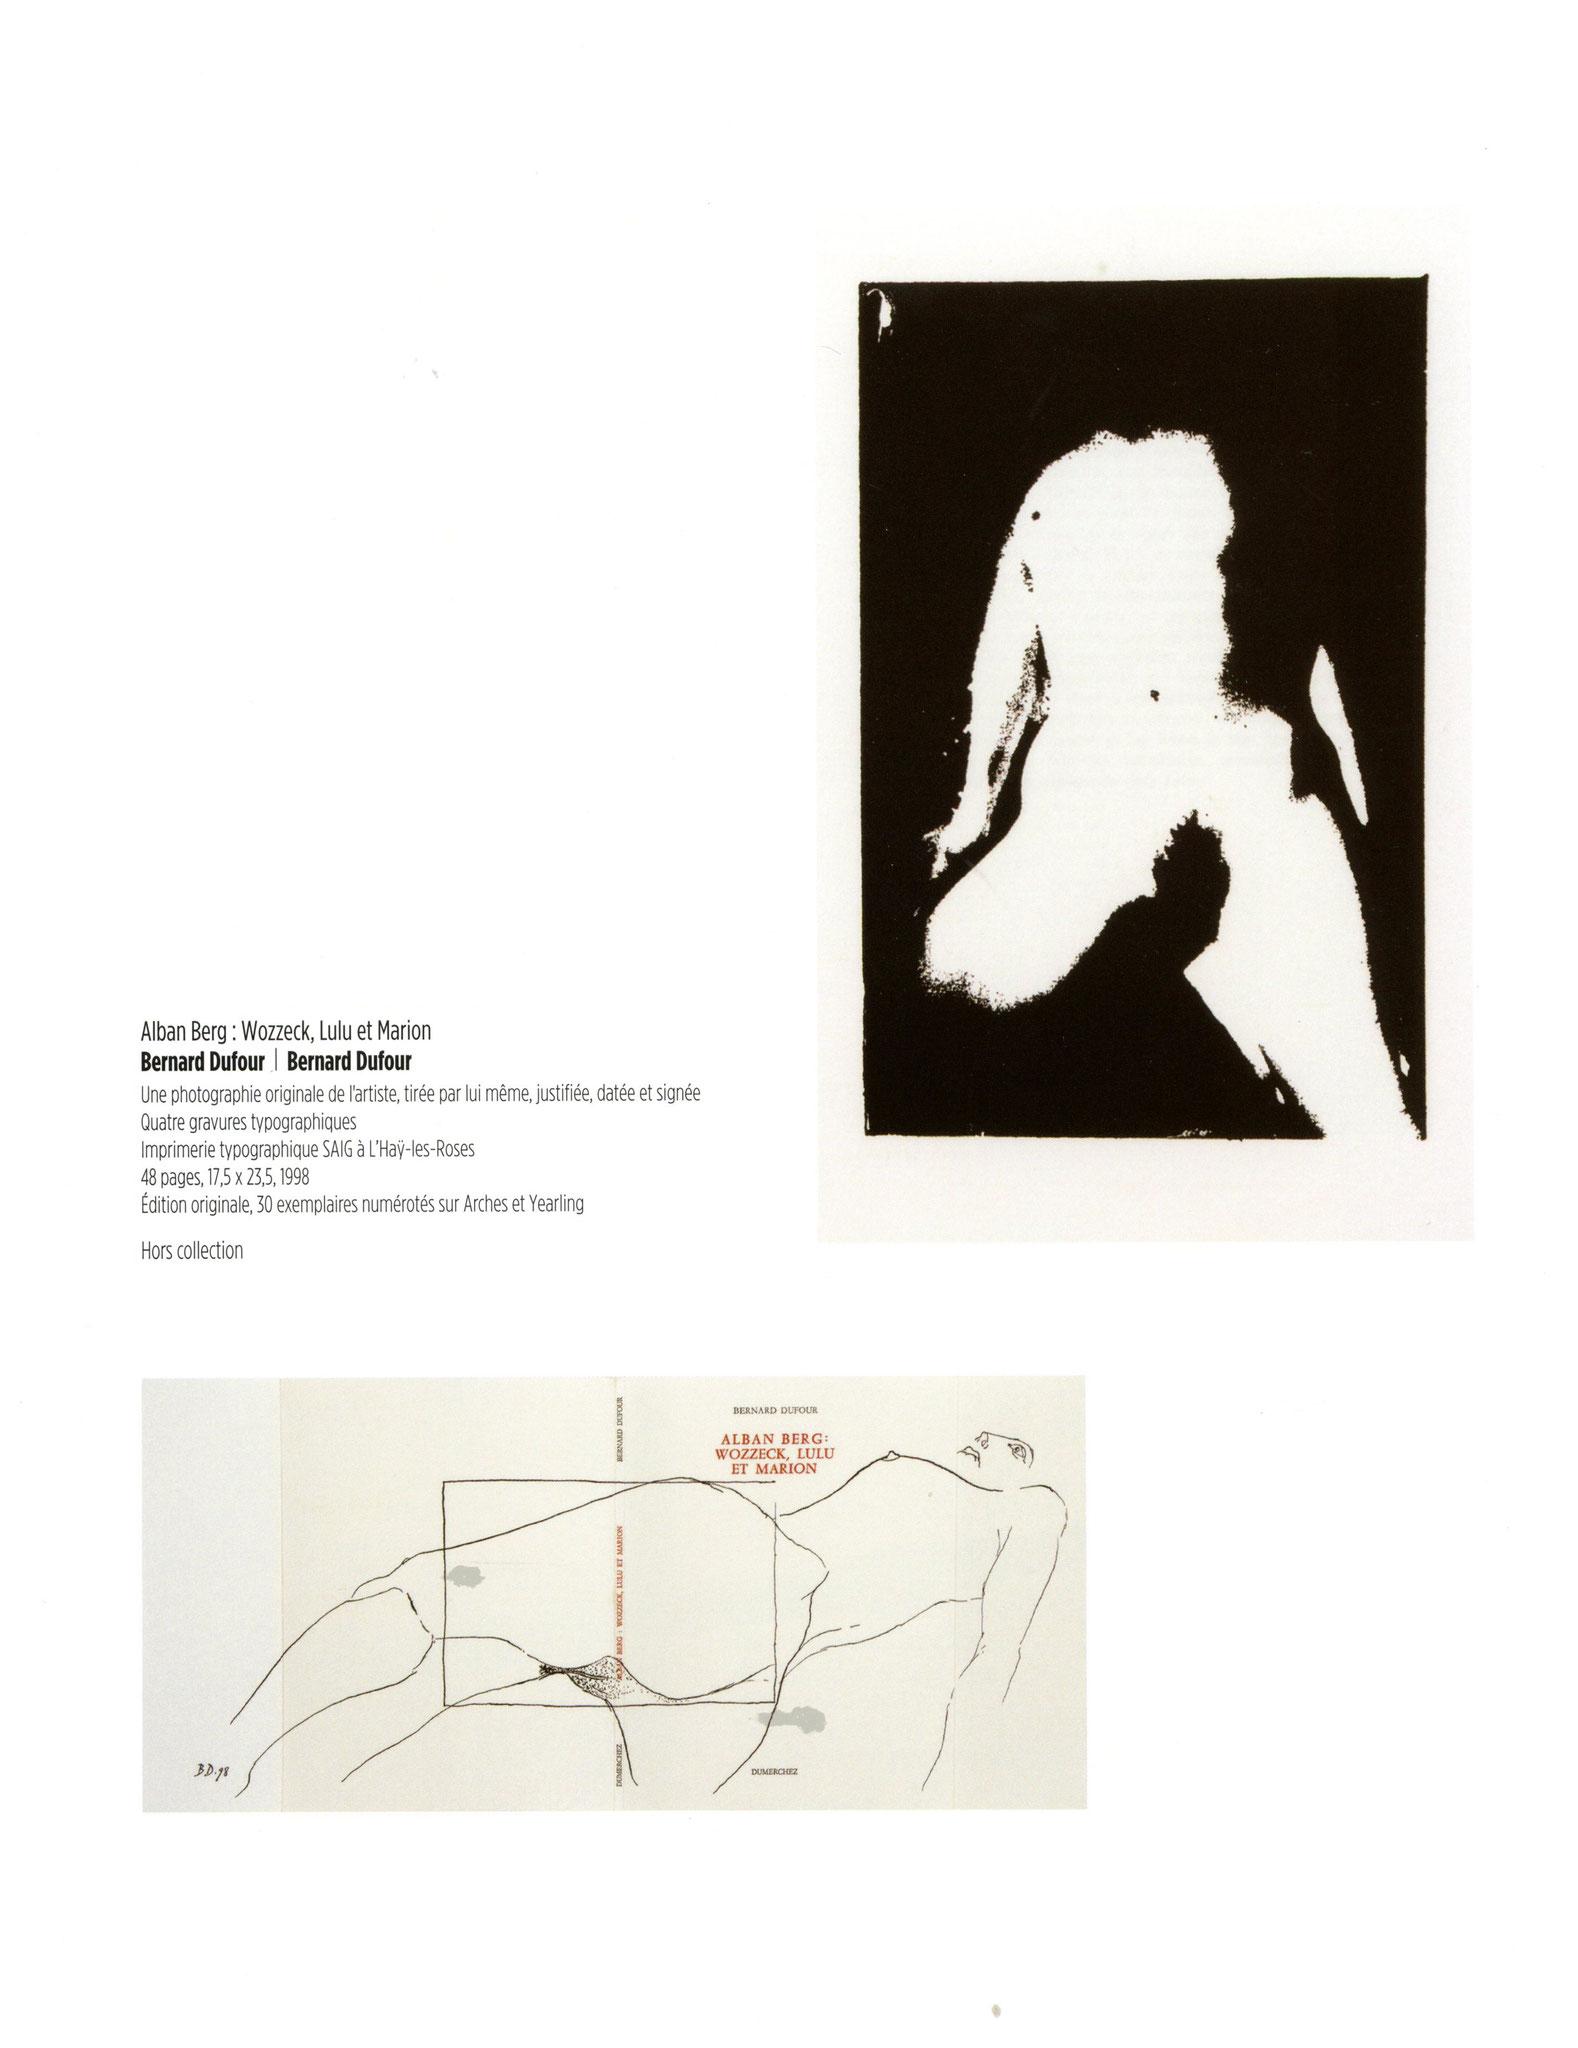 Alban Berg : Wozzeck, Lulu et Marion - Bernard Dufour / Bernard Dufour